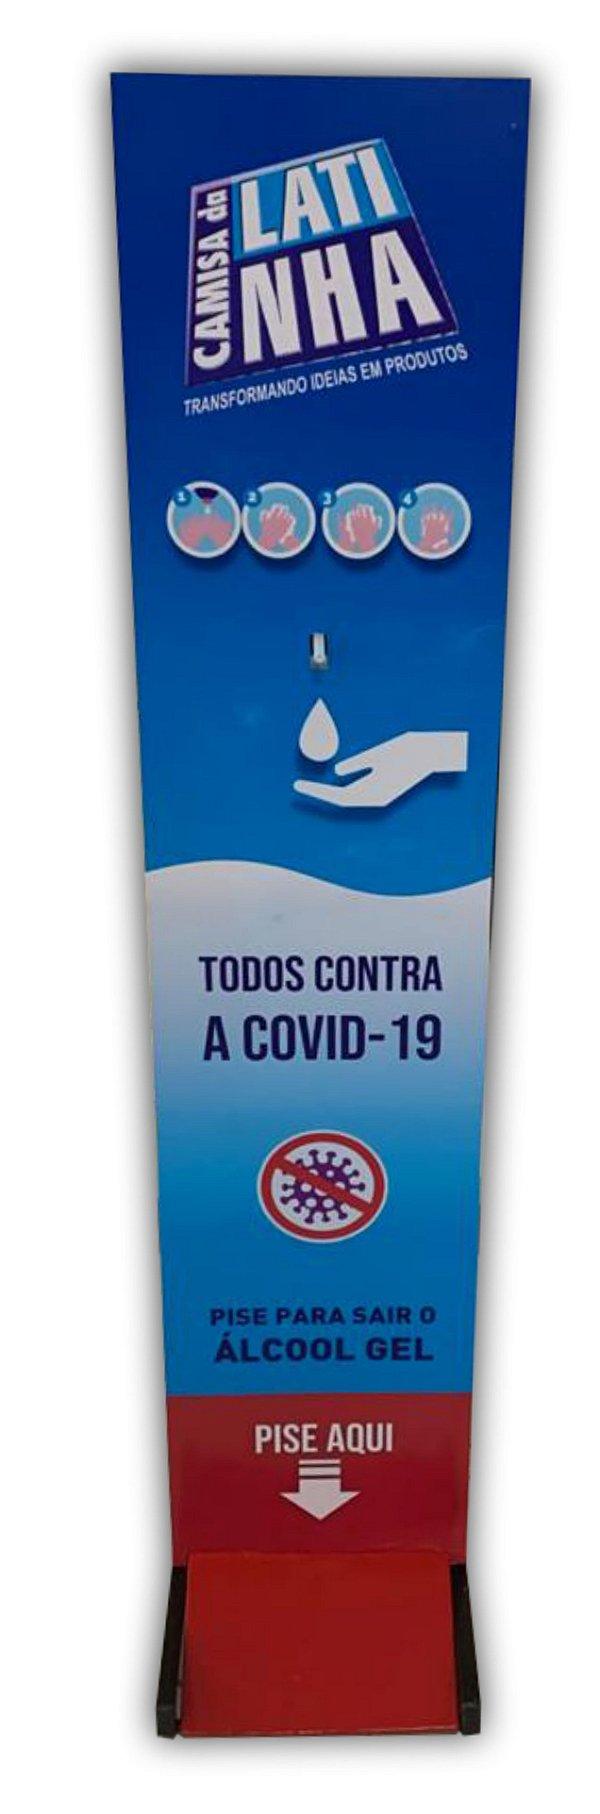 Totem de Proteção - Álcool gel